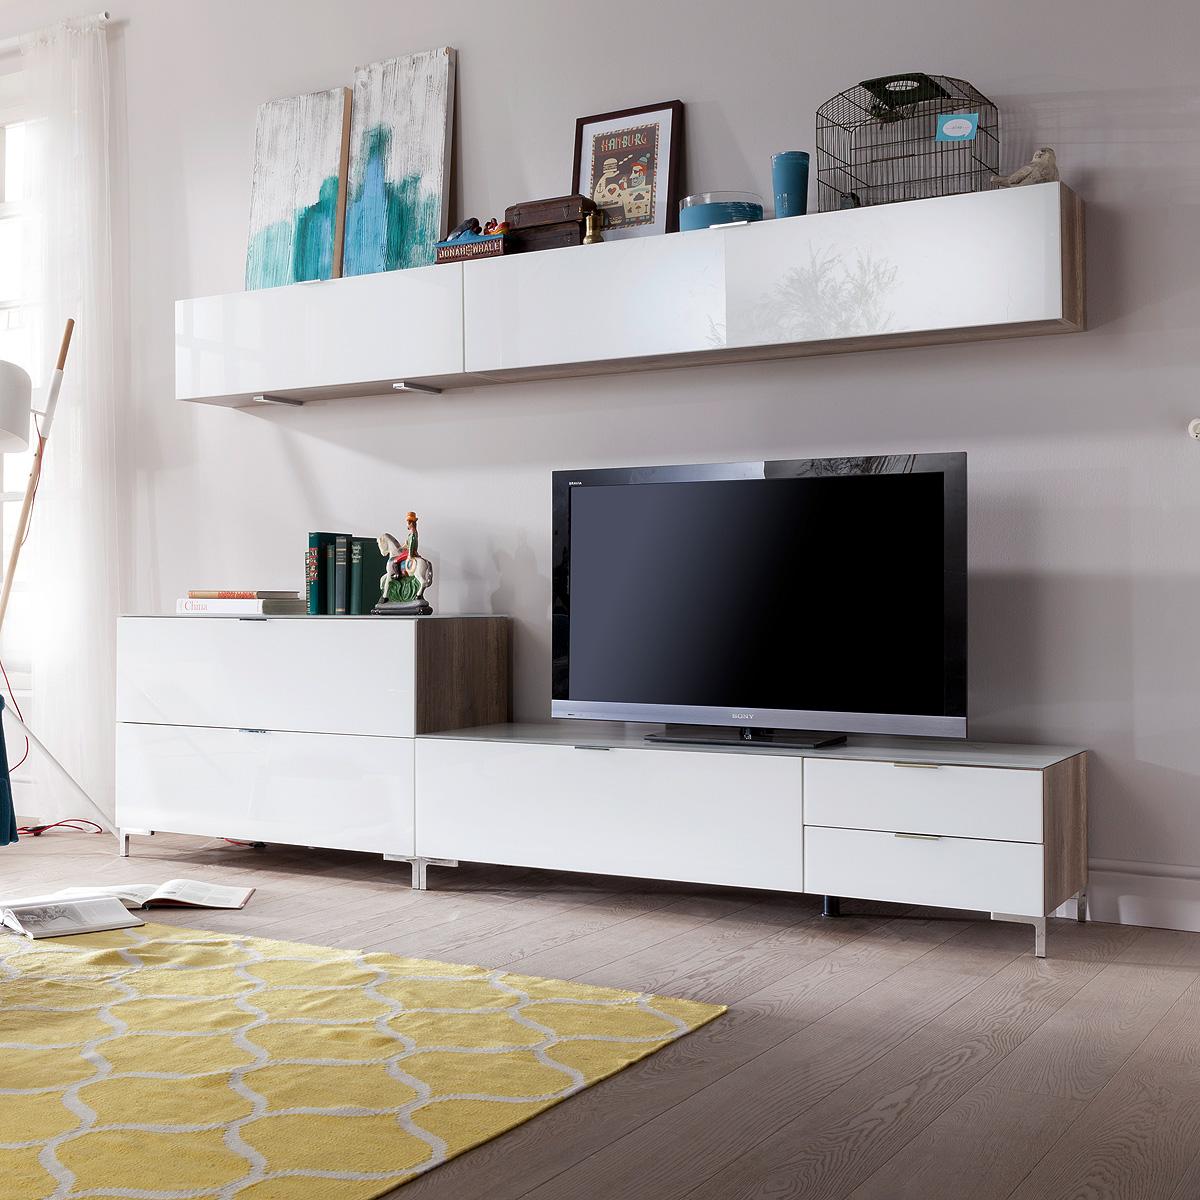 wohnwand cleo anbauwand wohnzimmer wohnkombi set wildeiche wei glas cs schmal ebay. Black Bedroom Furniture Sets. Home Design Ideas